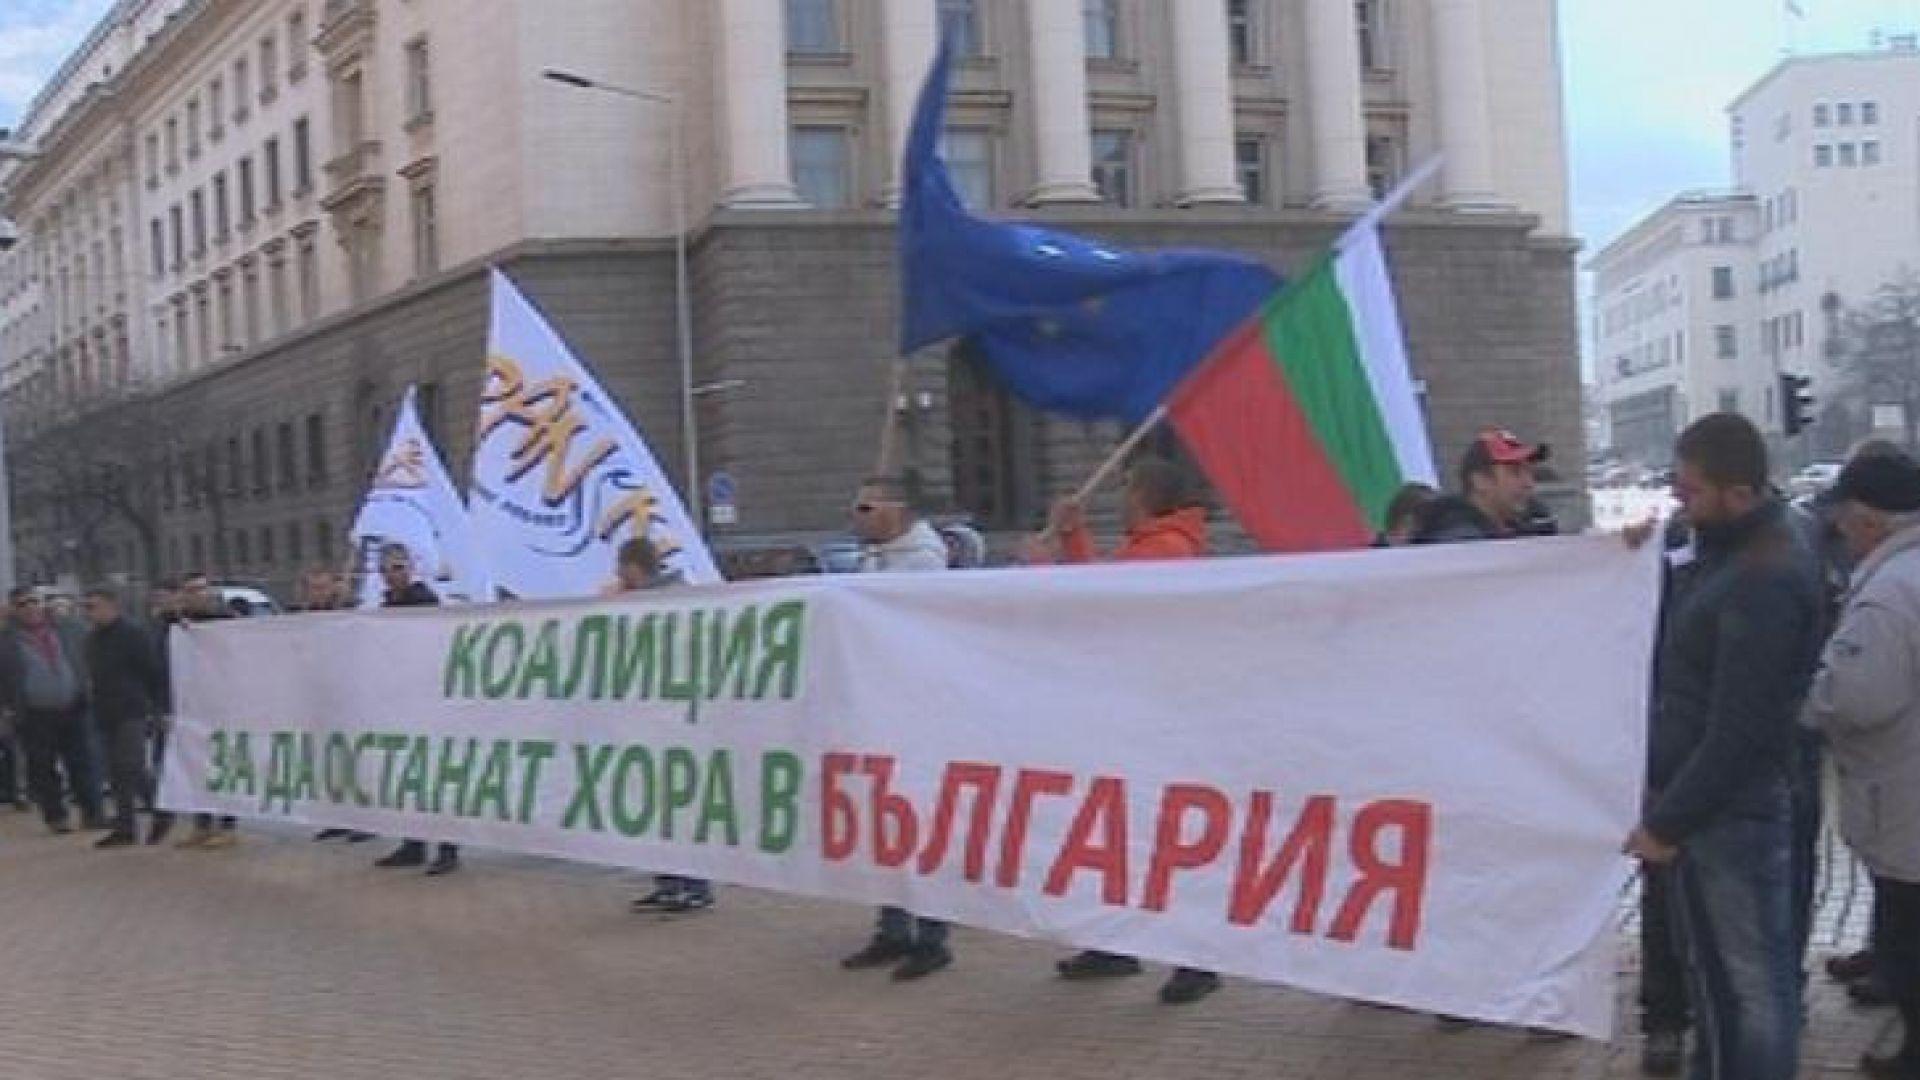 11 антизелени организации: НАТУРА 2000 превърна една трета от България в пущинак